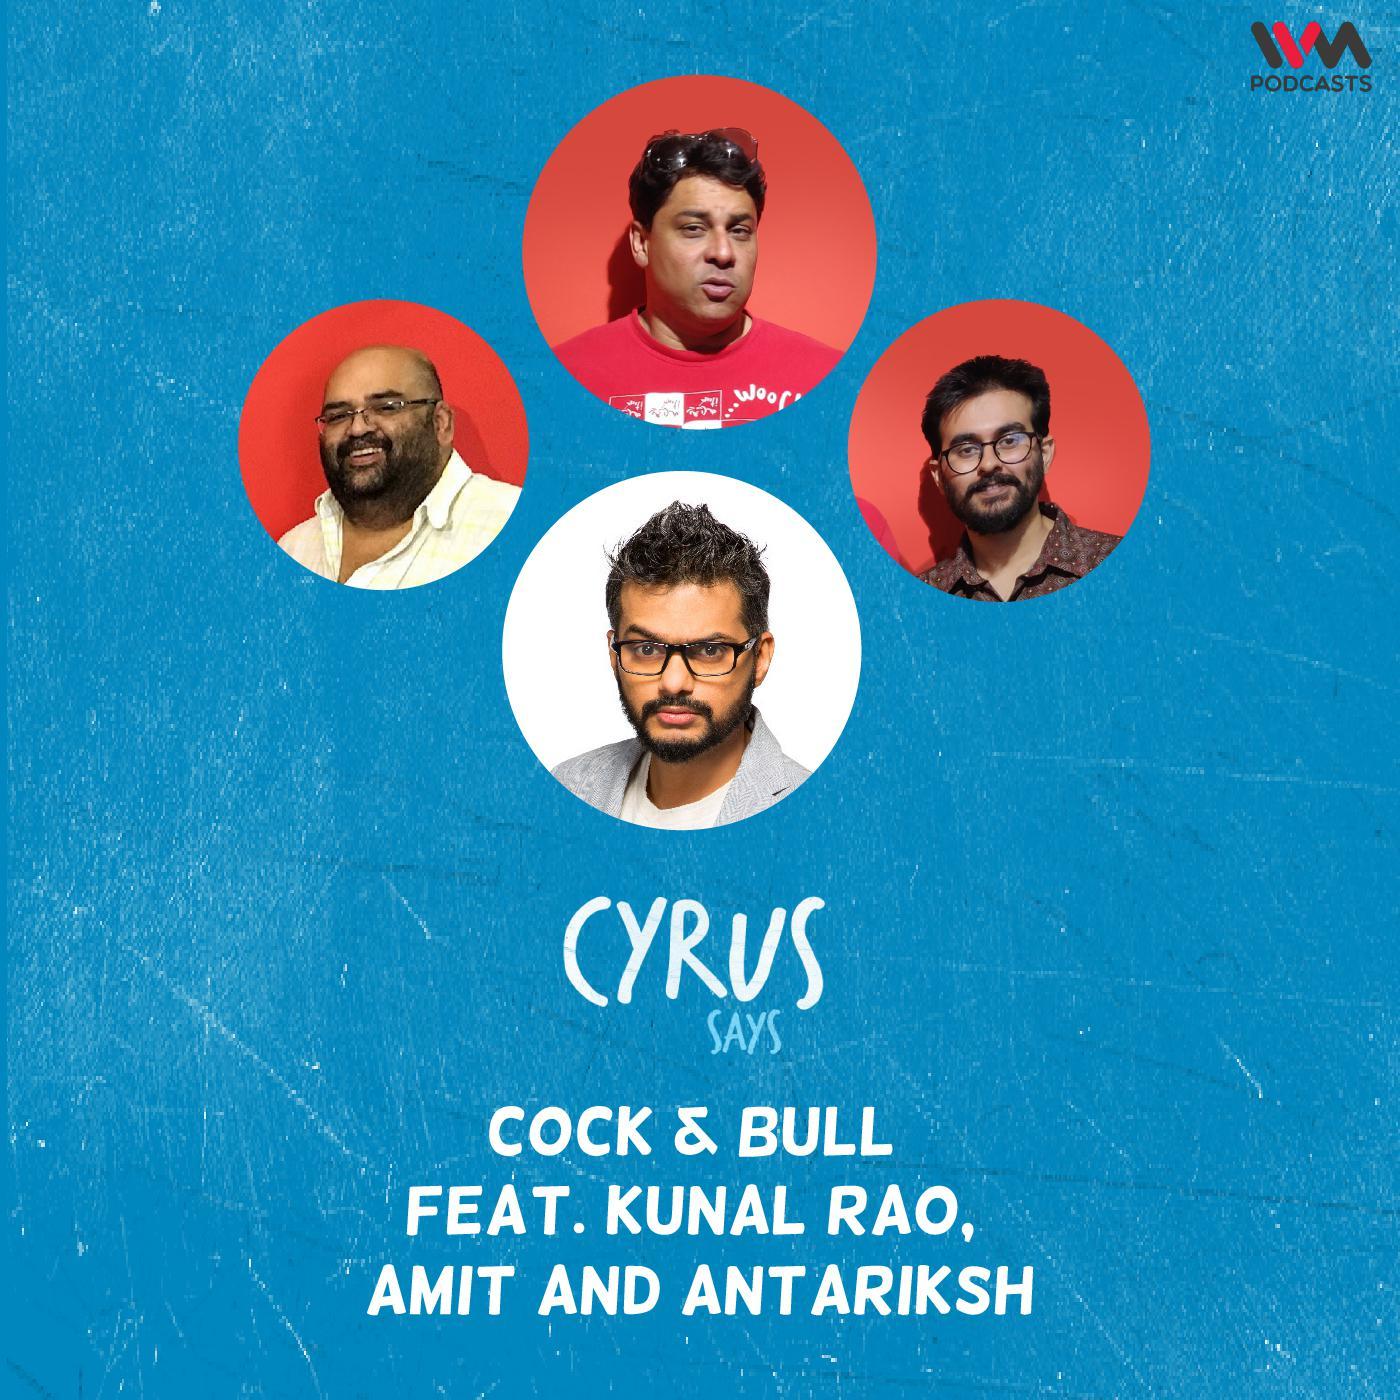 Ep. 686: Cock & Bull feat. Kunal Rao, Amit and Antariksh